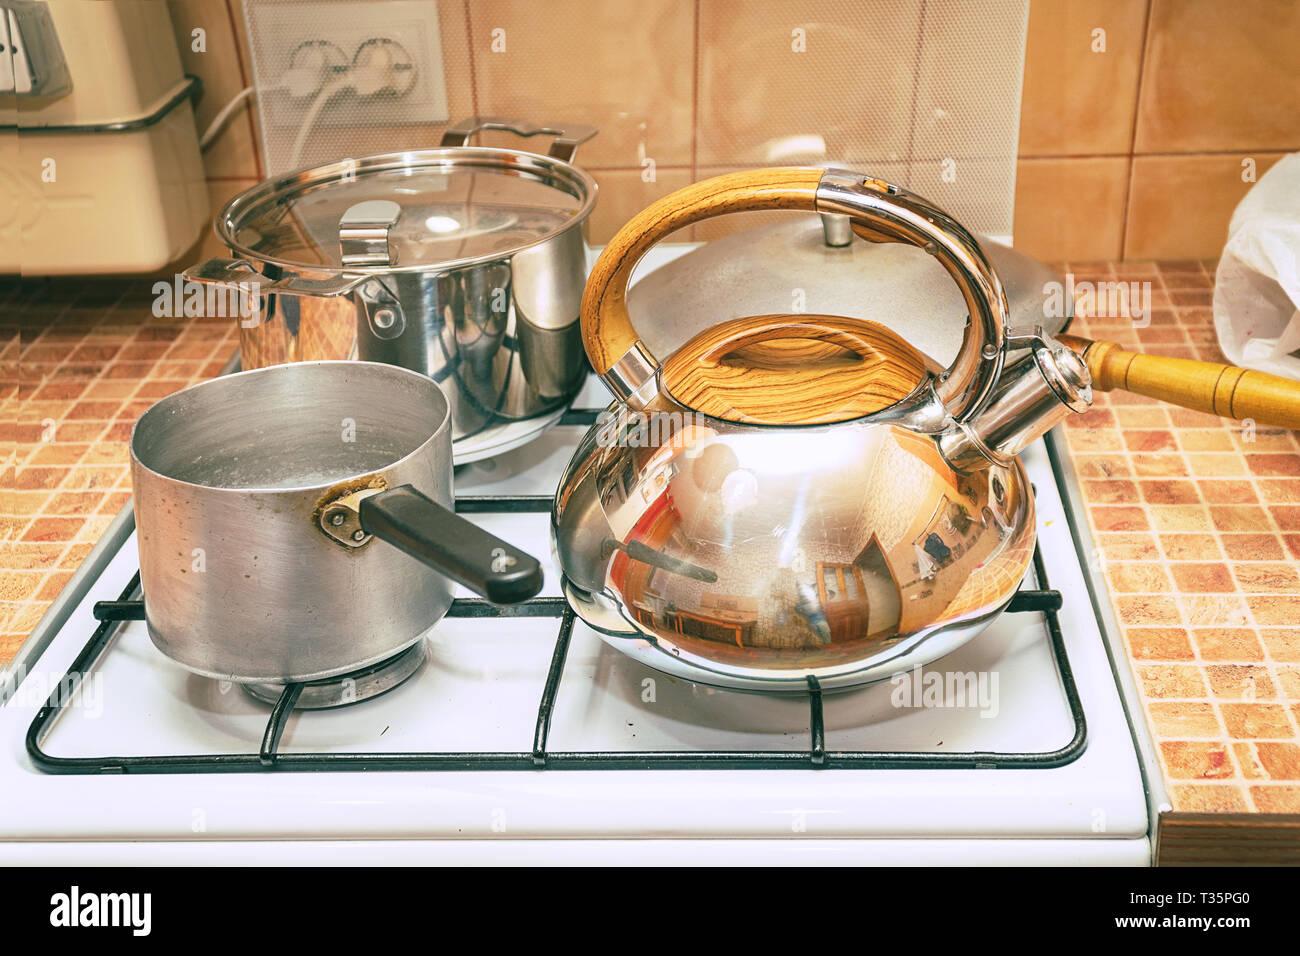 Töpfe, Pfannen und einen Wasserkocher auf dem Gasherd ...